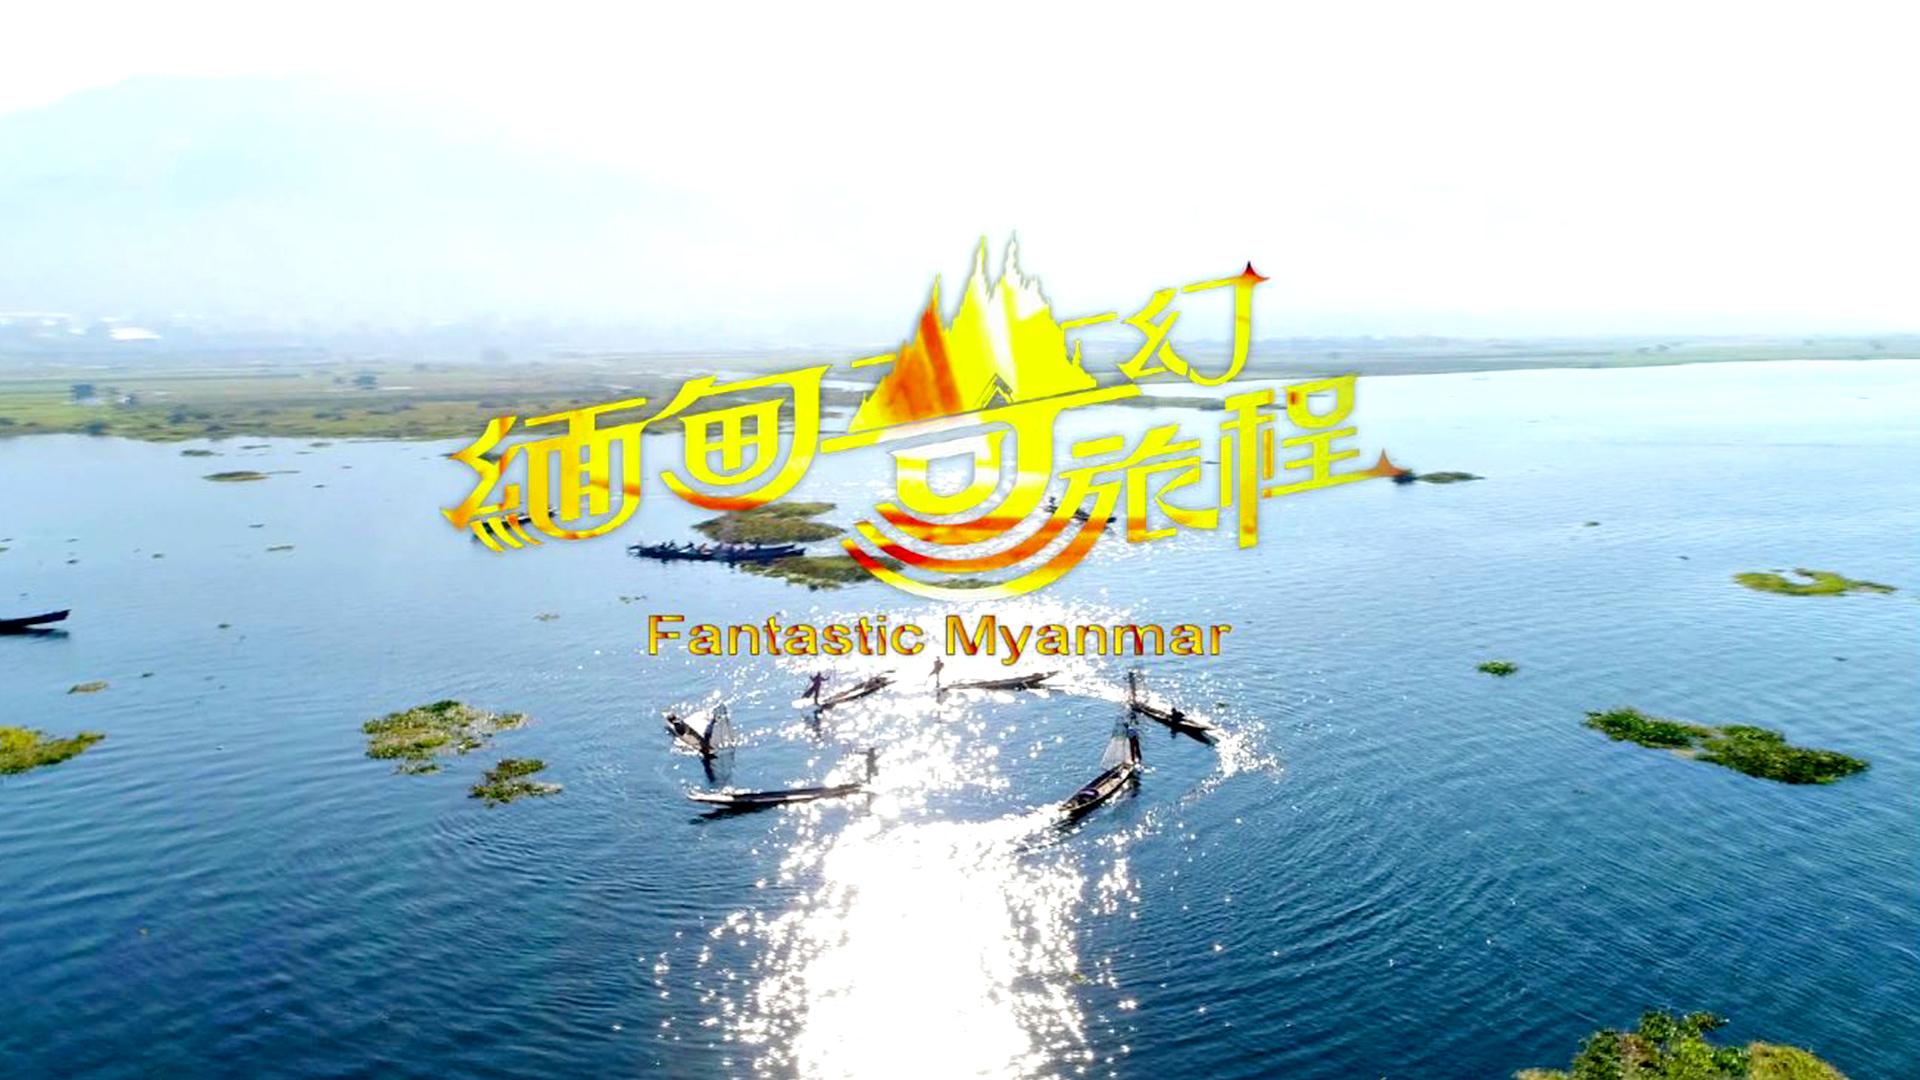 FANTASTIC MYANMAR